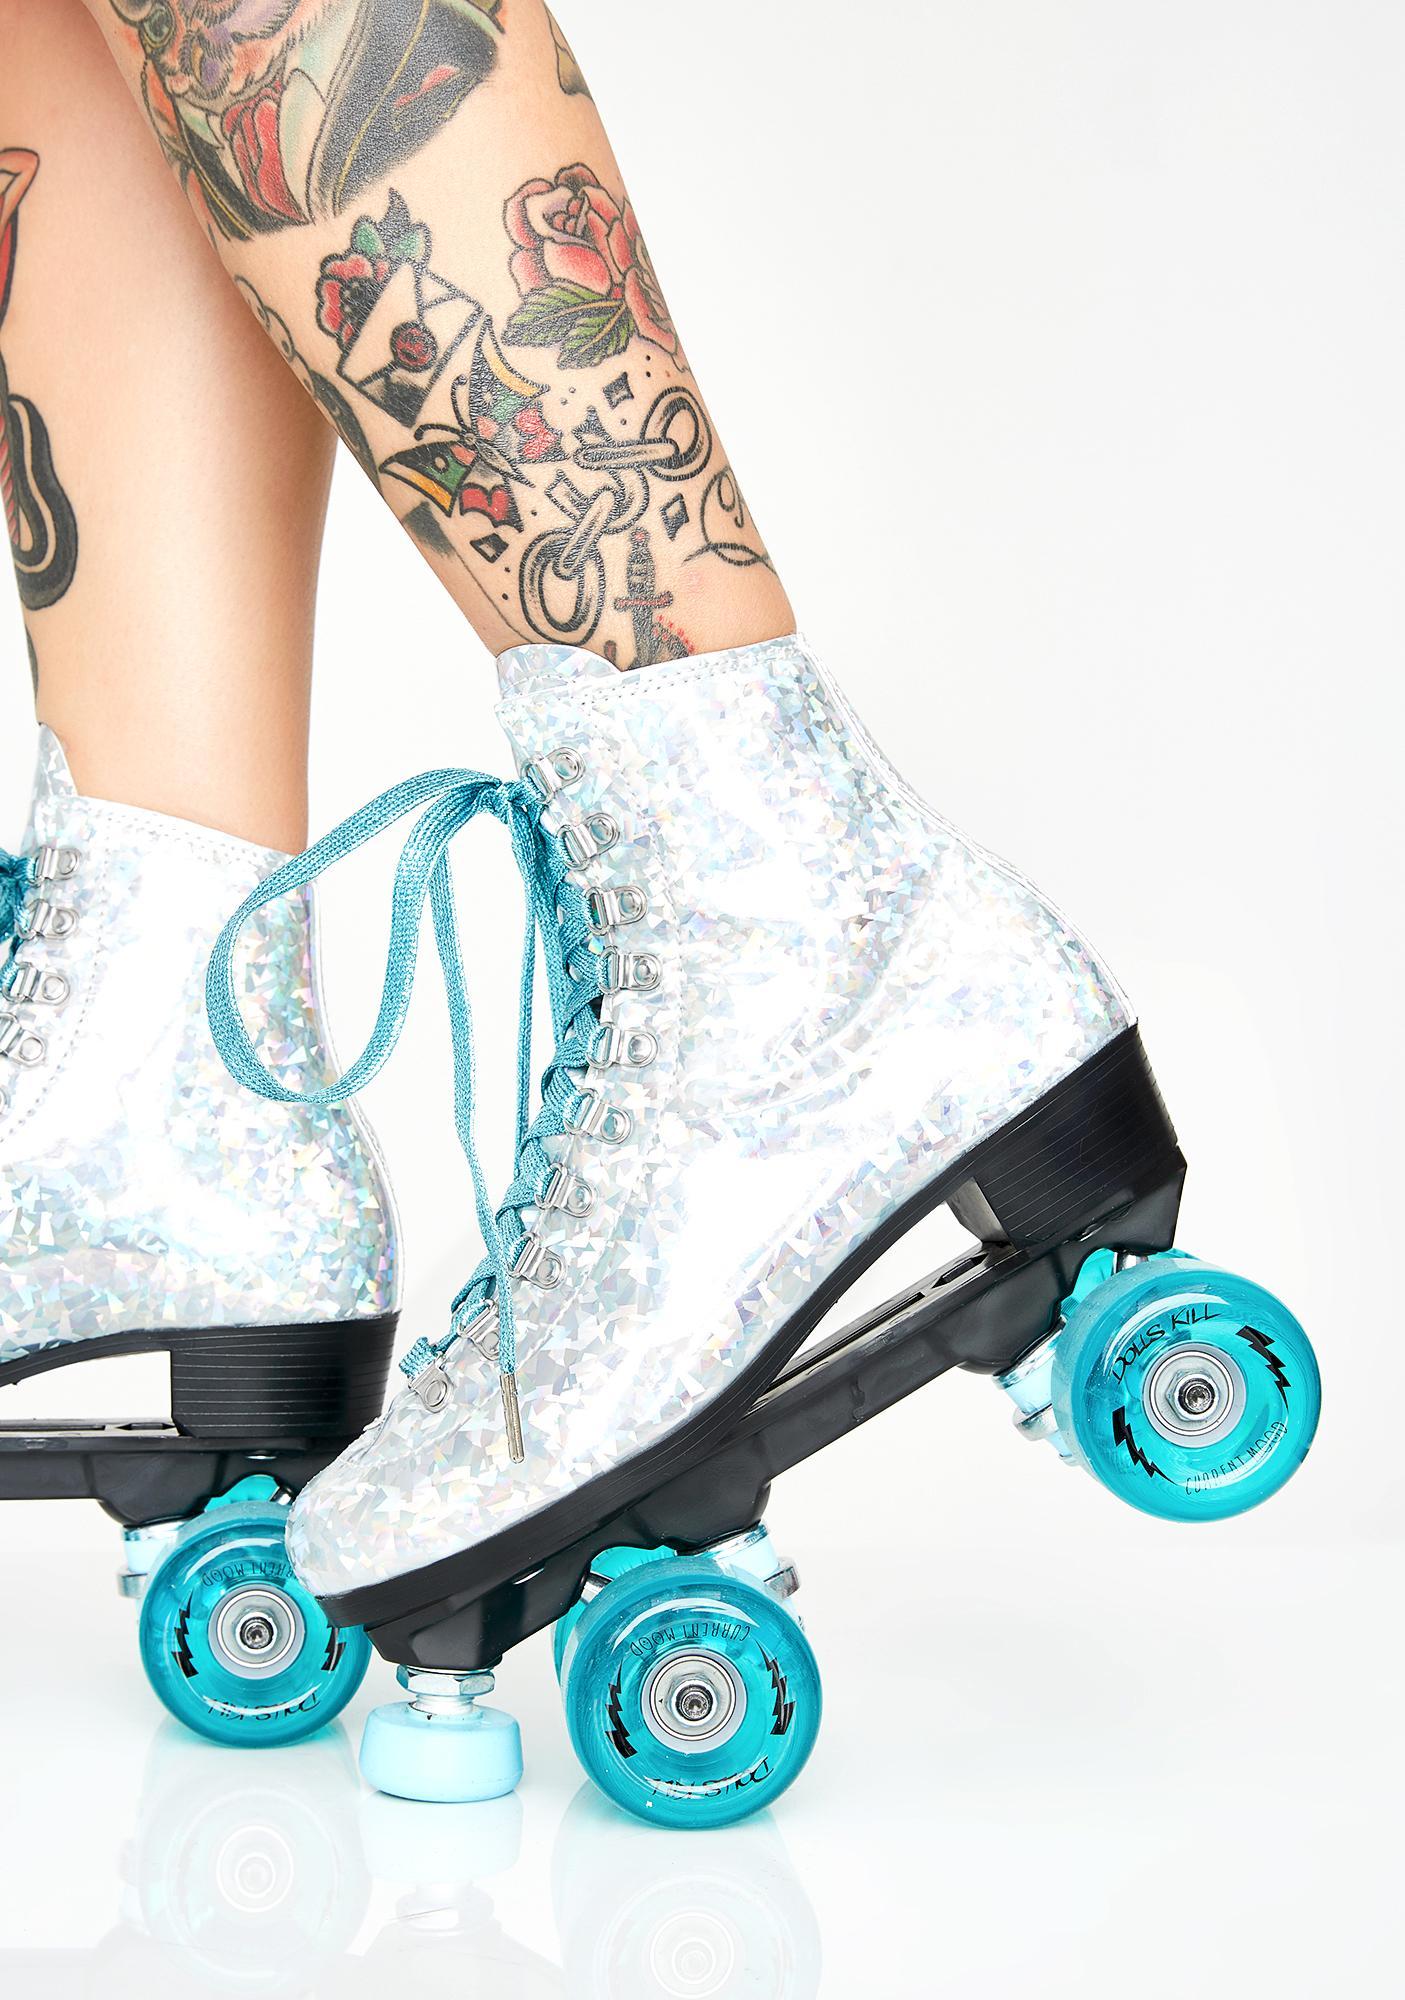 Bondage skate roller